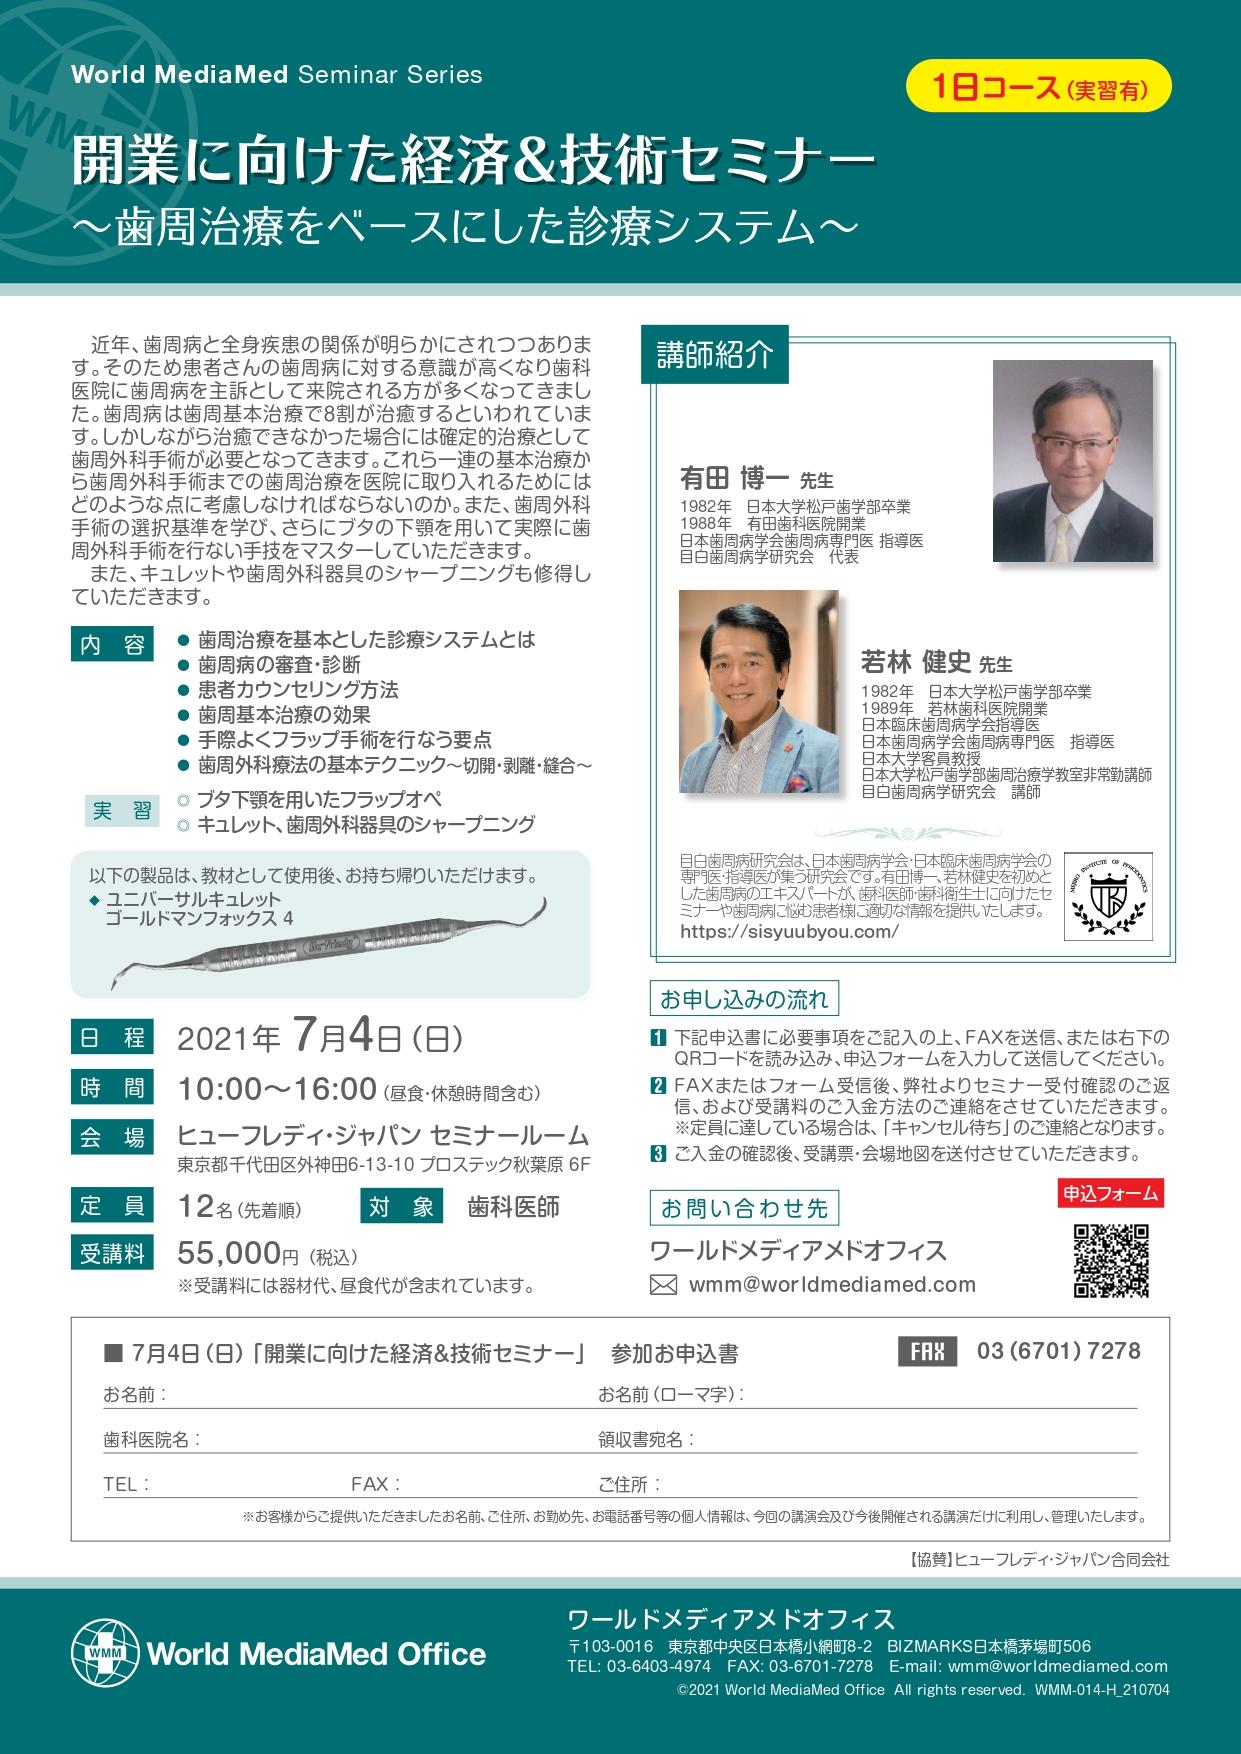 【キャンセル待ち】開業に向けた経済&技術セミナー 〜歯周治療をベースにした診療システム〜